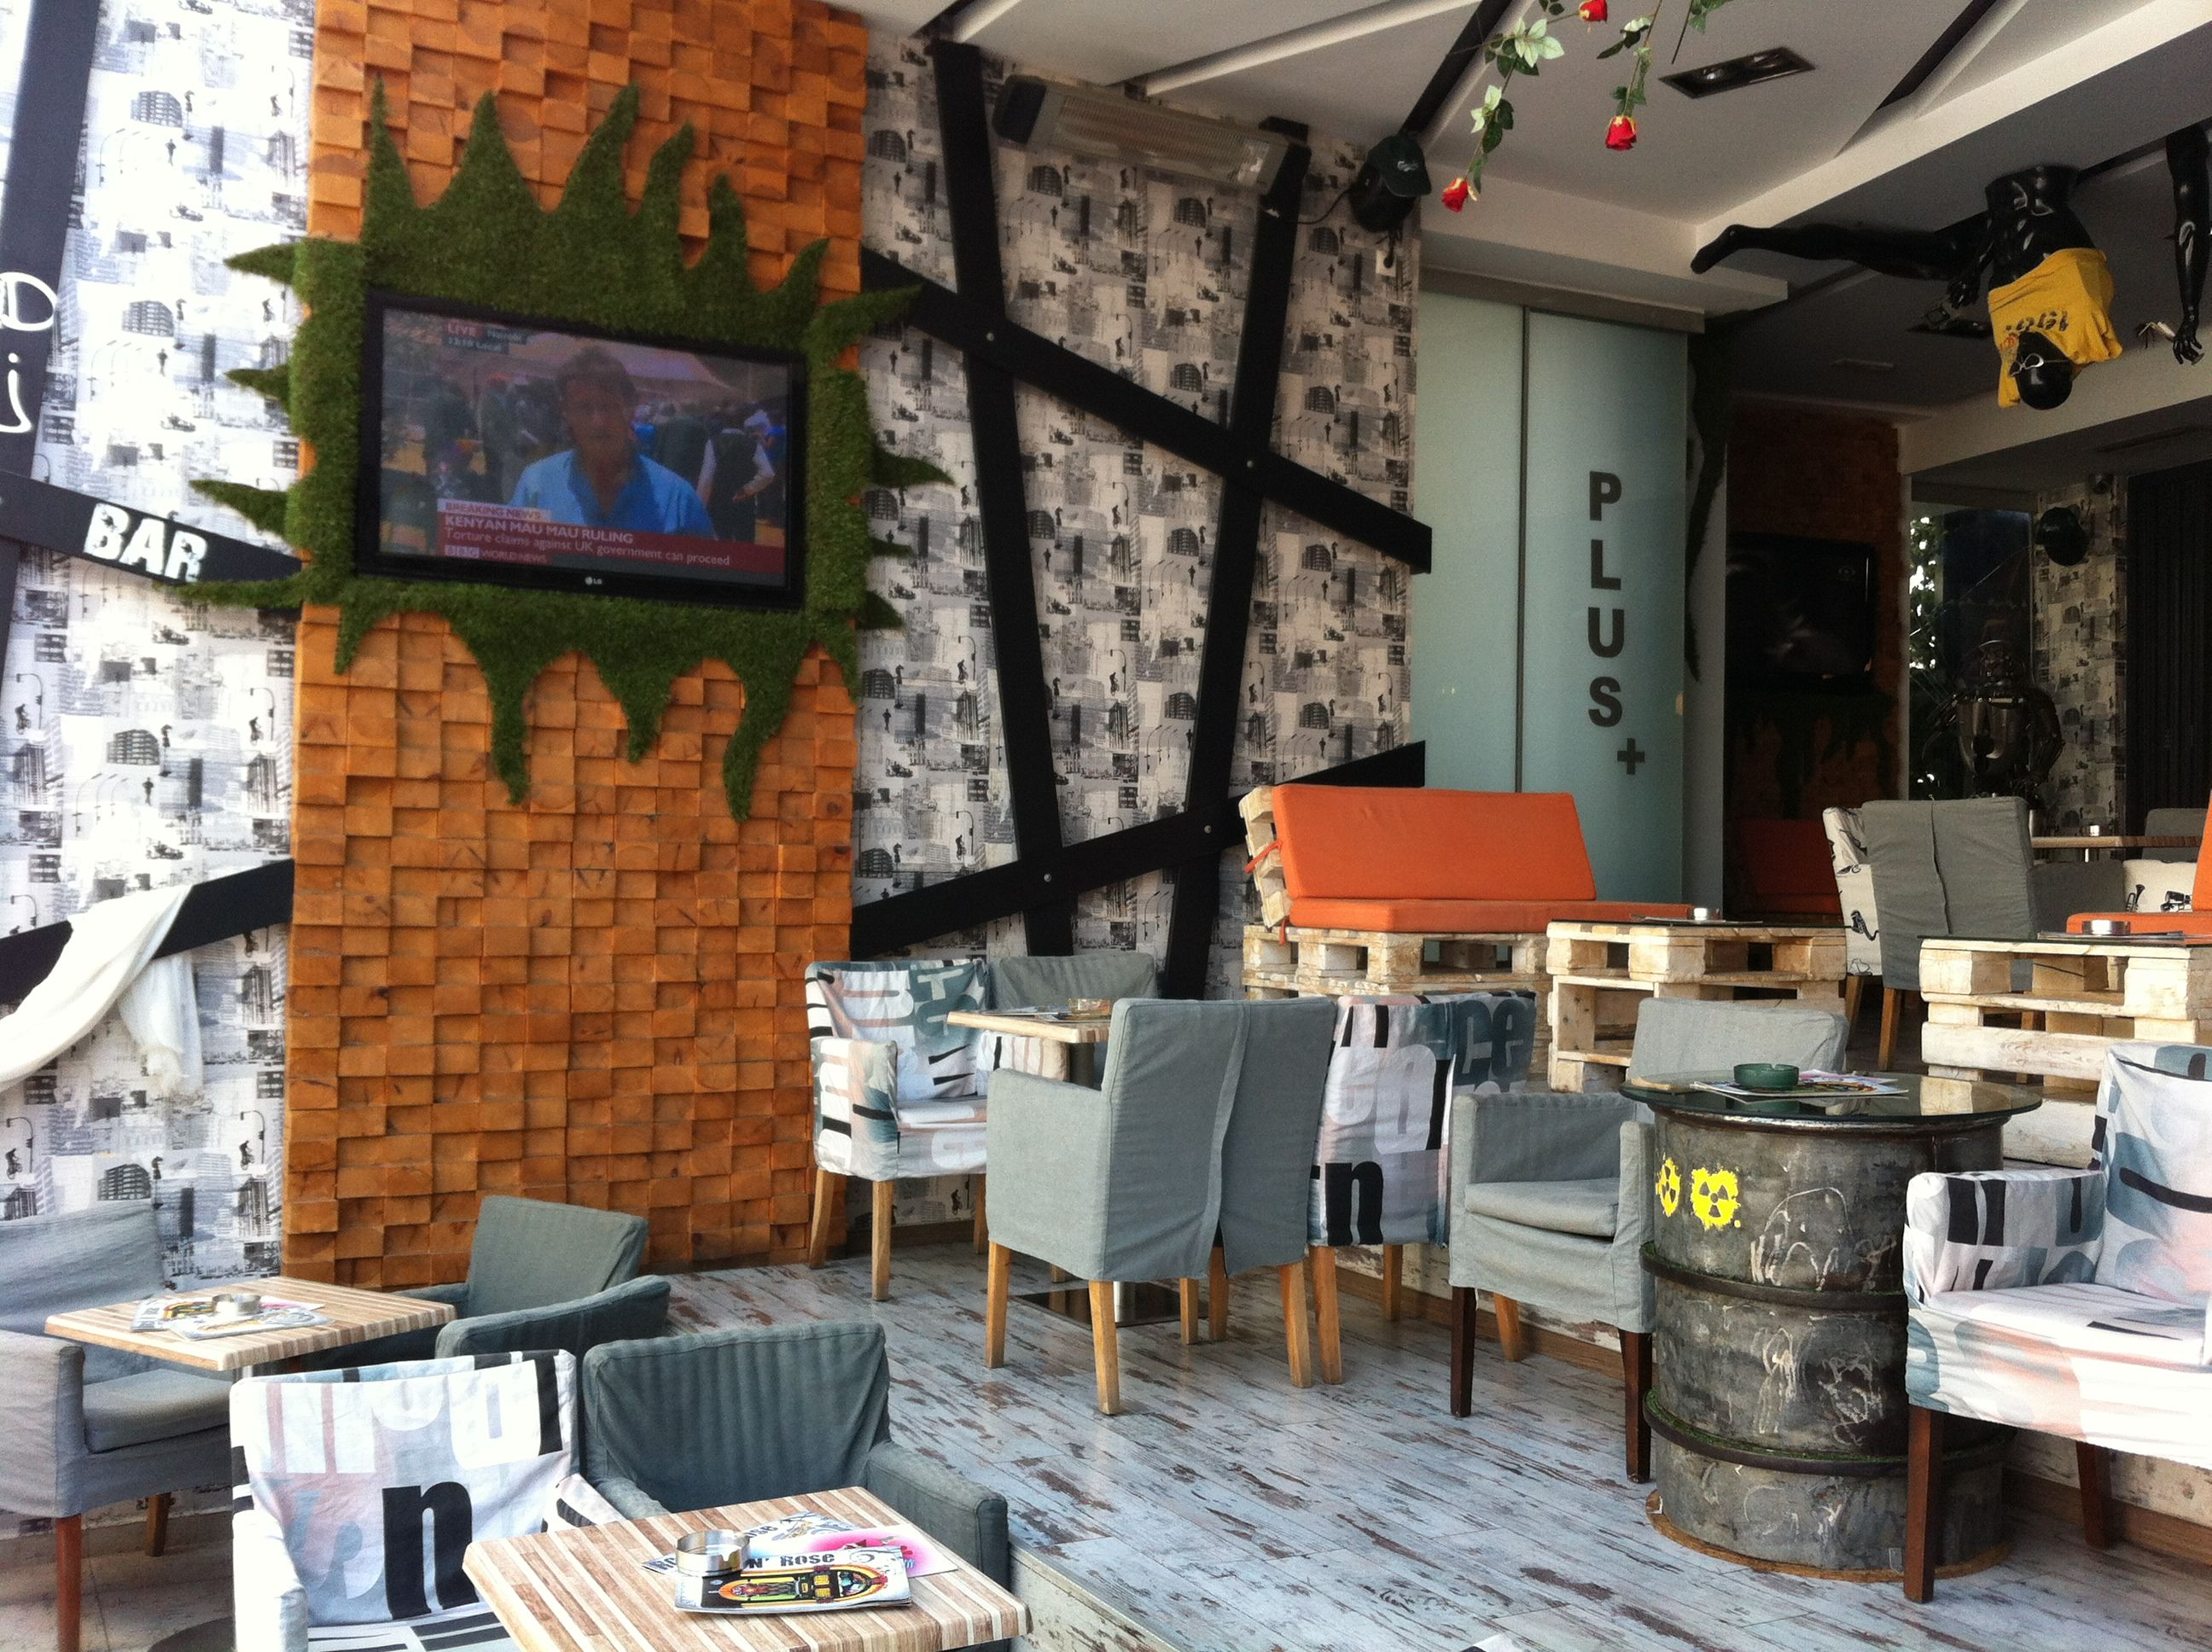 Sisustus, Kierrätys ja Ruoka: Mikä yhdistää otsikon mukaisia kolmea tekijää?  Ainakin yksi toimija, nimittäin: Yökerho / Baari / Ravintola Kreetan saarella Plataniaksen pääkadulla. Rock 'N Rose Restaurant Bar, jonka sisustus on tehty täysin kierrätysmateriaaleista ja  vielä tyylillä! #sisustussuunnittelu #kierrätyssisustuksessa